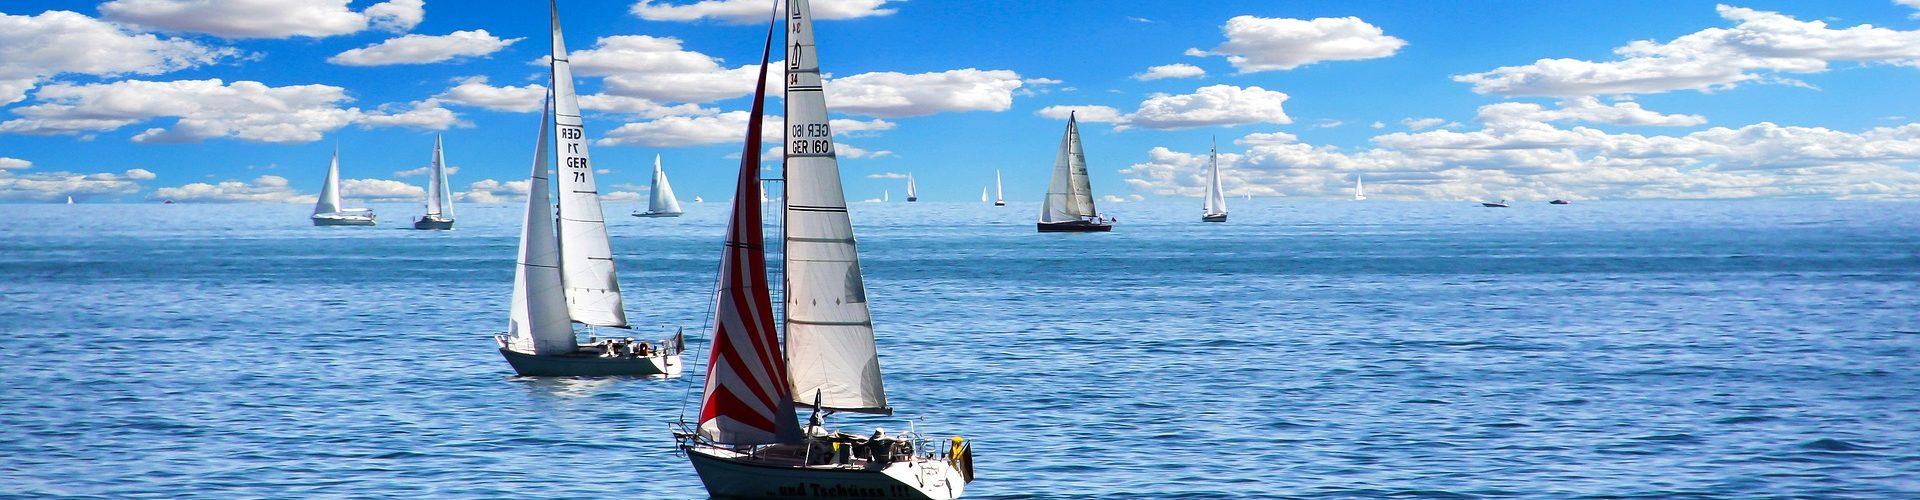 segeln lernen in Rheinsberg segelschein machen in Rheinsberg 1920x500 - Segeln lernen in Rheinsberg